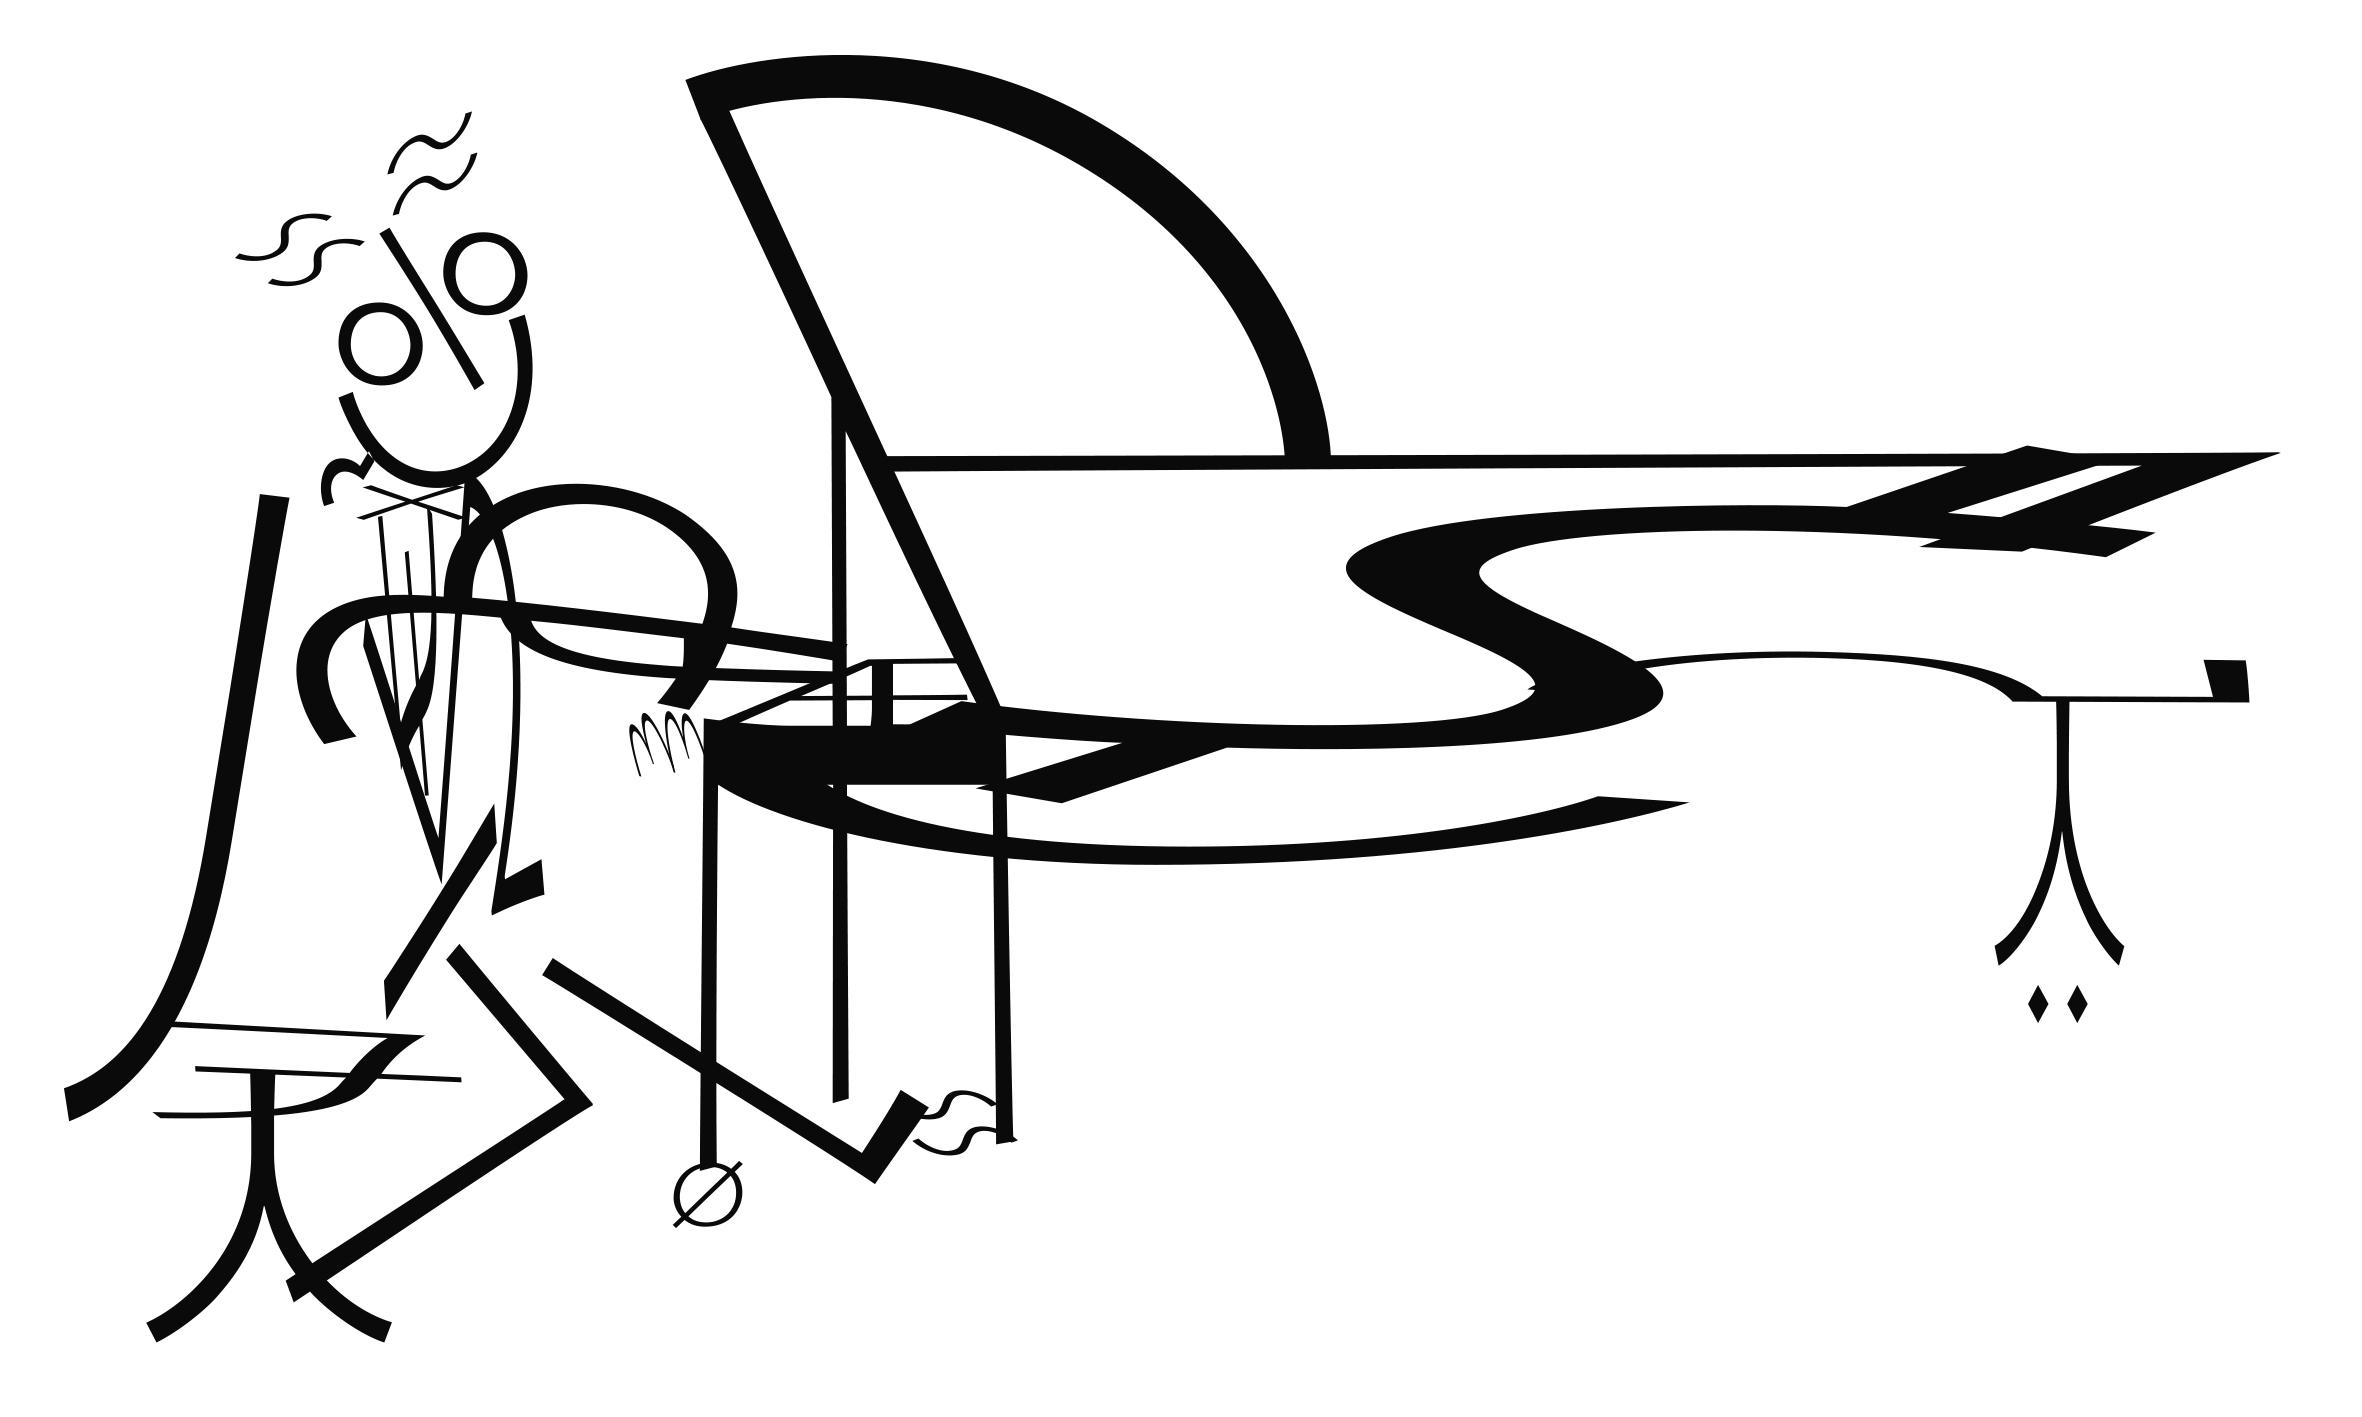 Pianista. Mostra COMPLESSO DI ASTRAZIONE opere di Stefano Puddu Crespellani